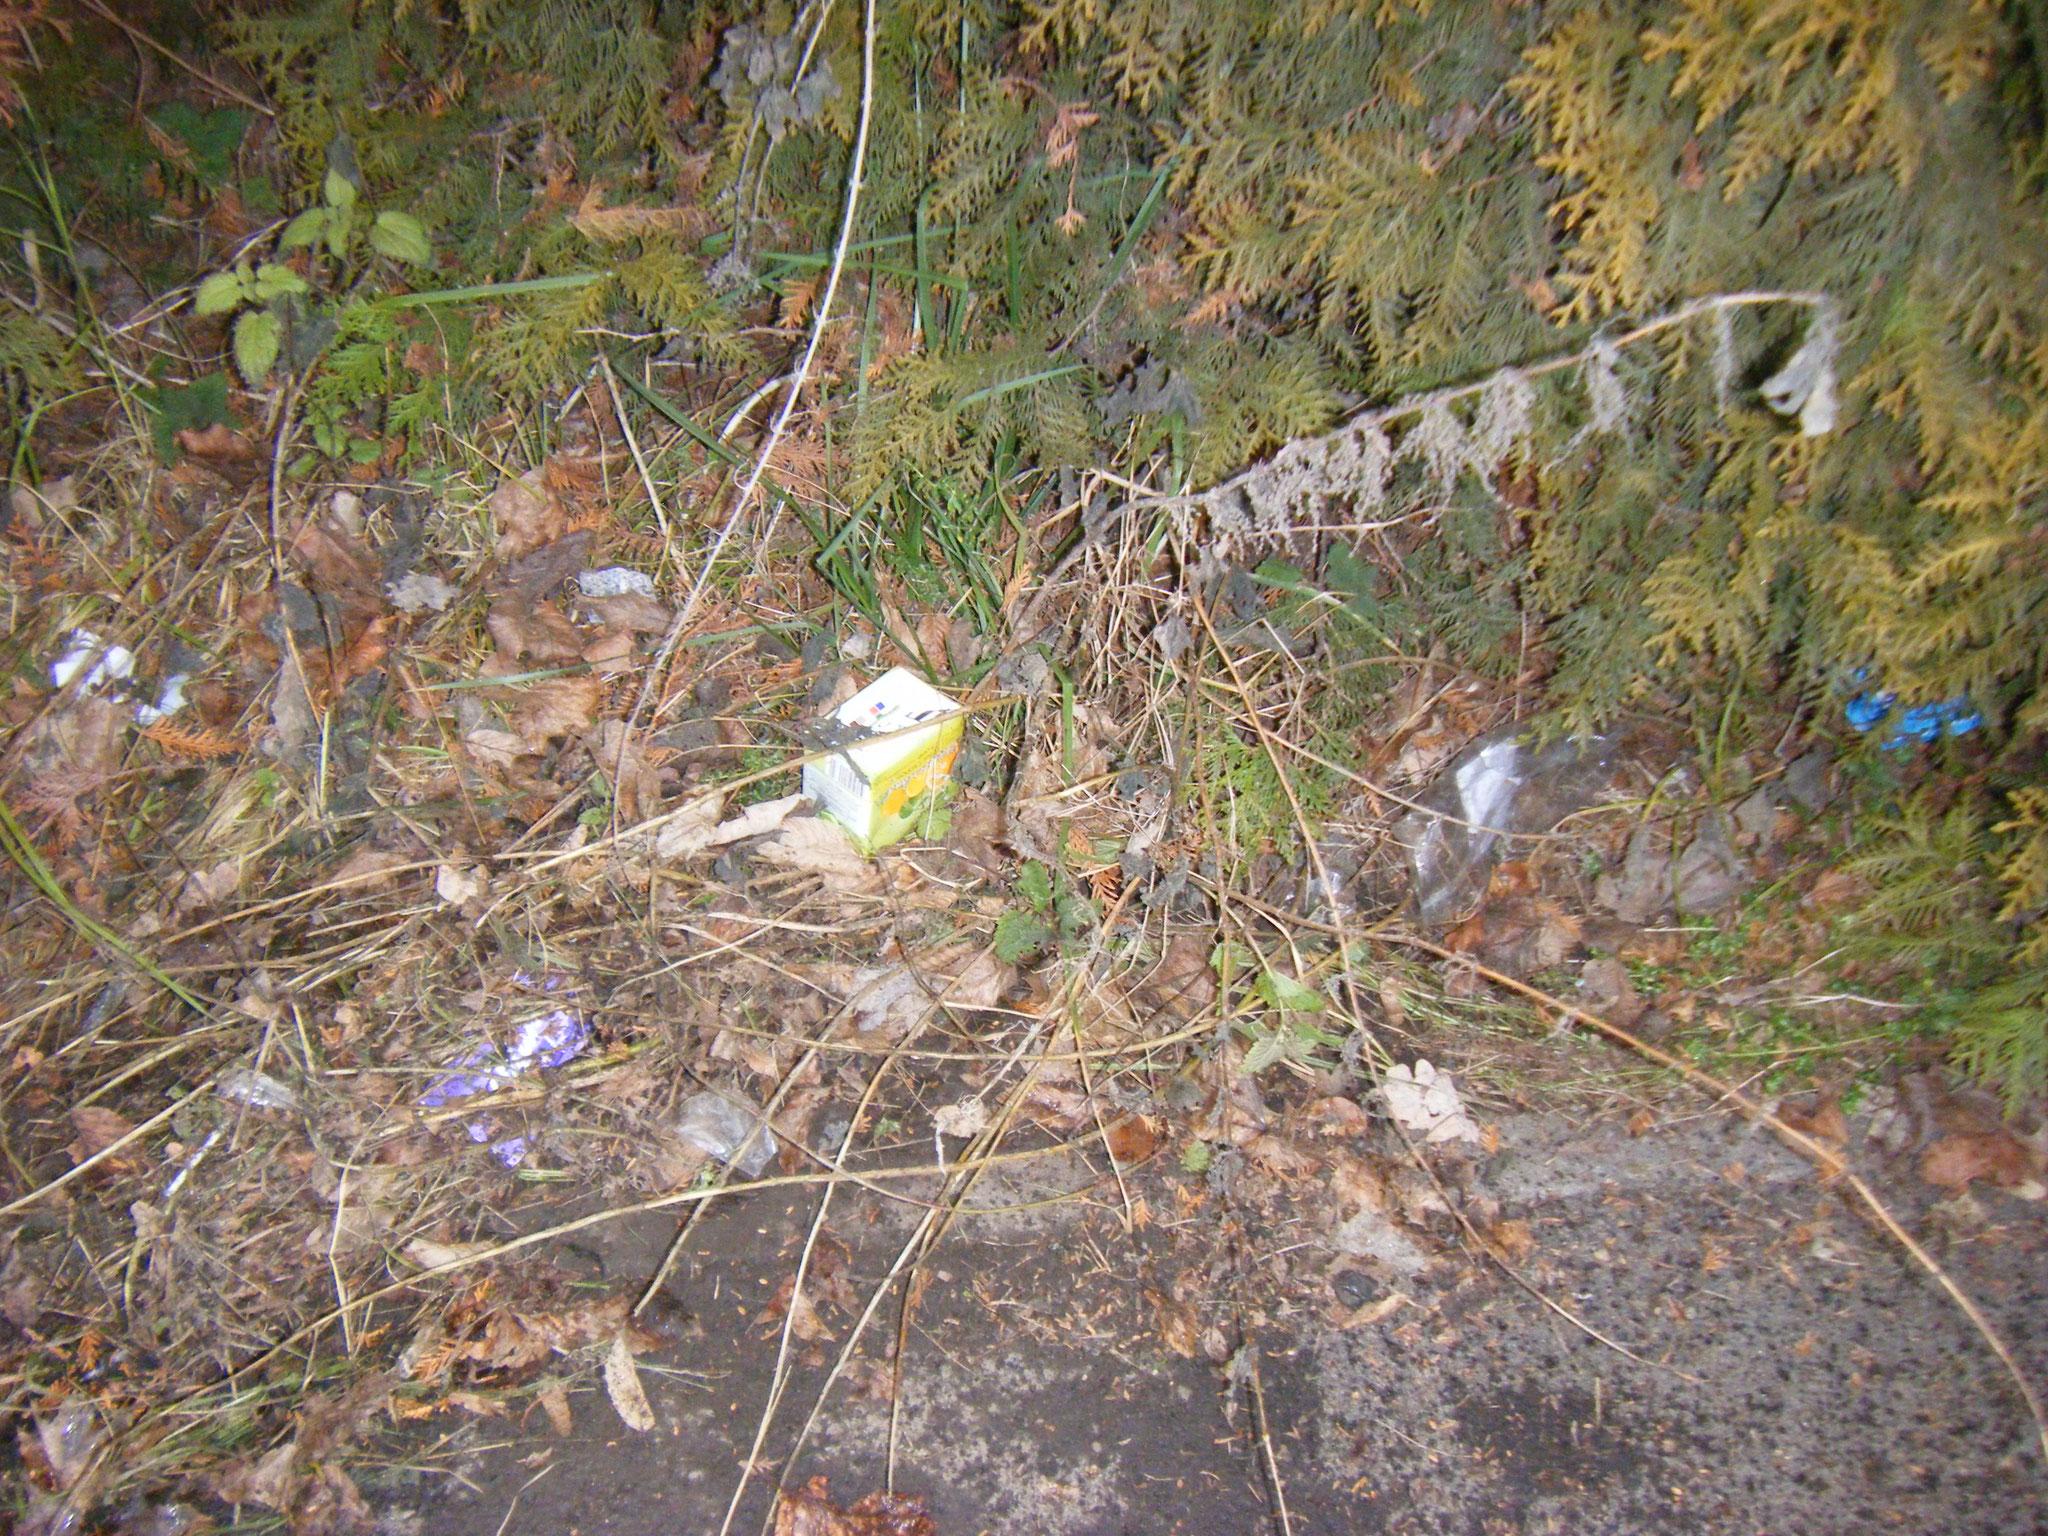 Suchbild: vieviel Müll befindet sich in diesem Unterwuchs neben der Bushaltestelle?